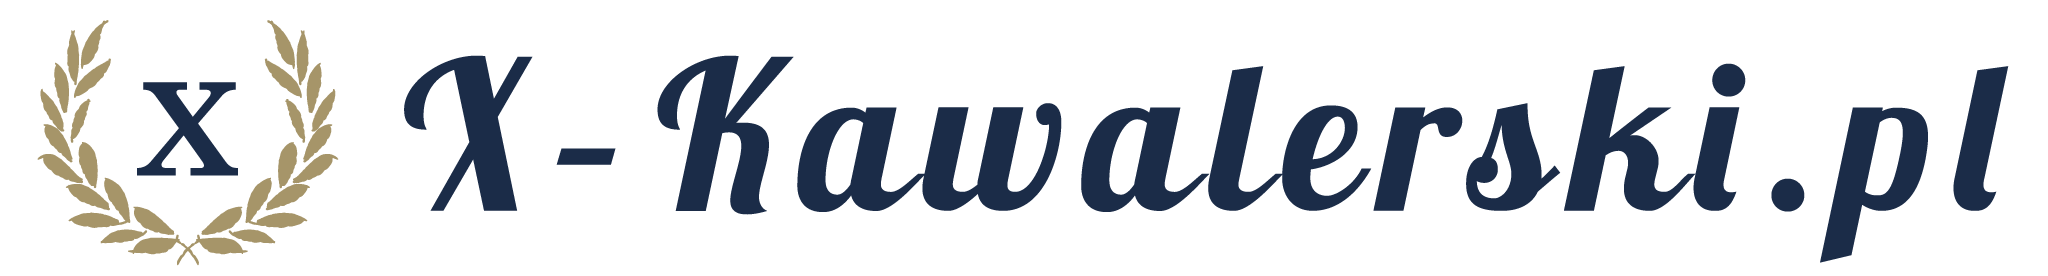 Nowoczesna Agencja Eventowa organizująca odjechane wieczory kawalerskie w Polsce oraz za granicą!